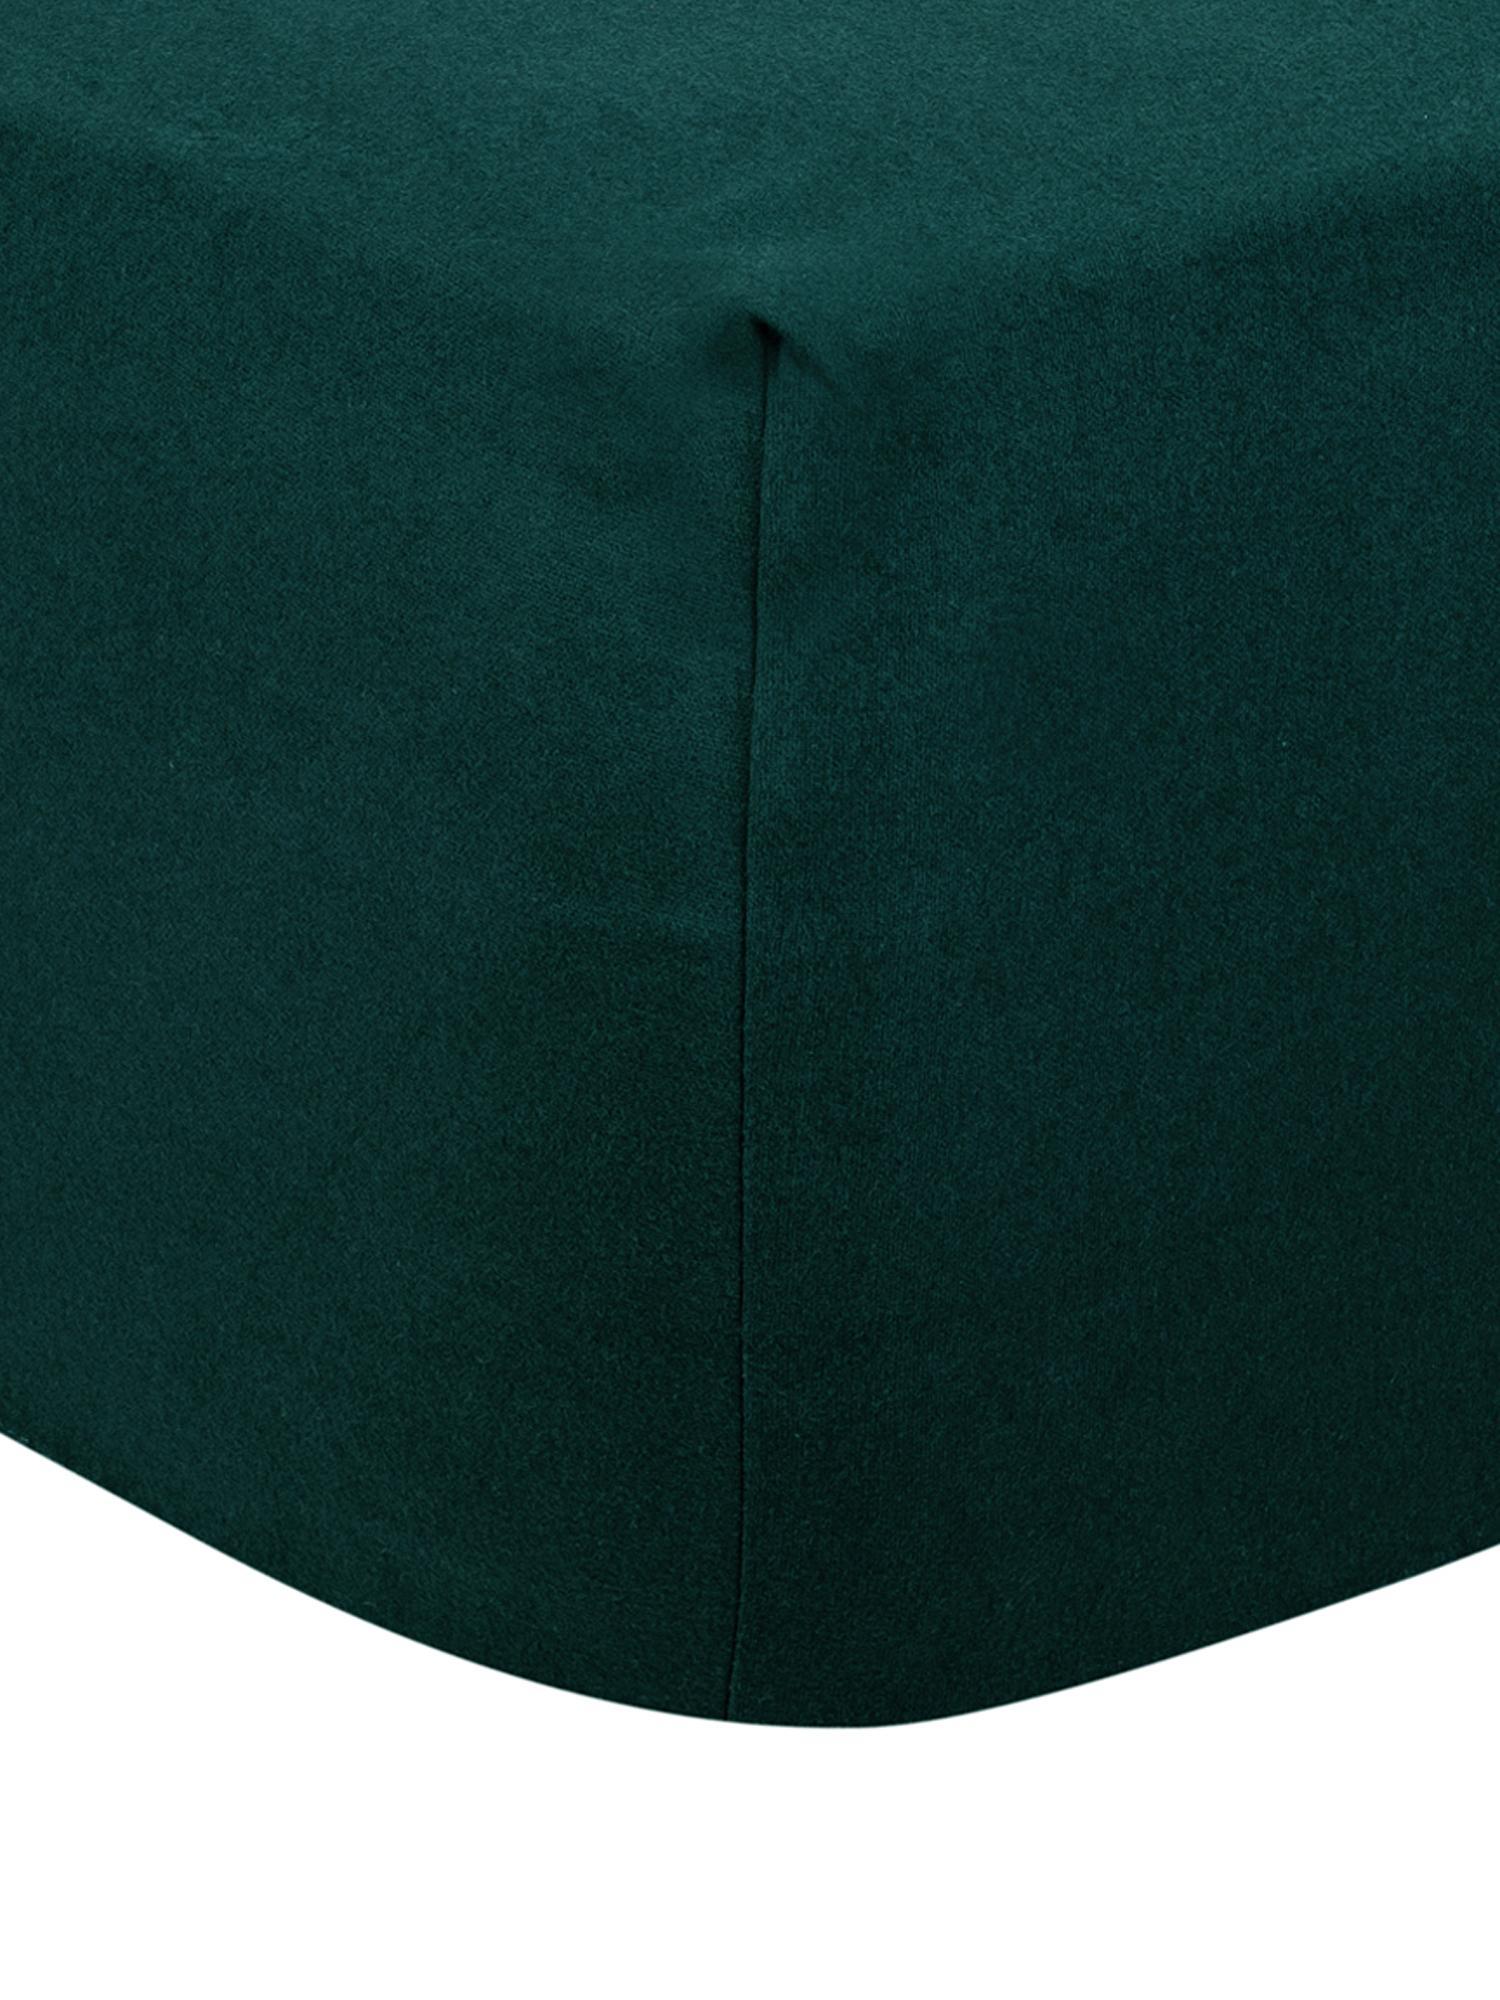 Hoeslaken Biba, flanel, Weeftechniek: flanel, Groen, 90 x 200 cm